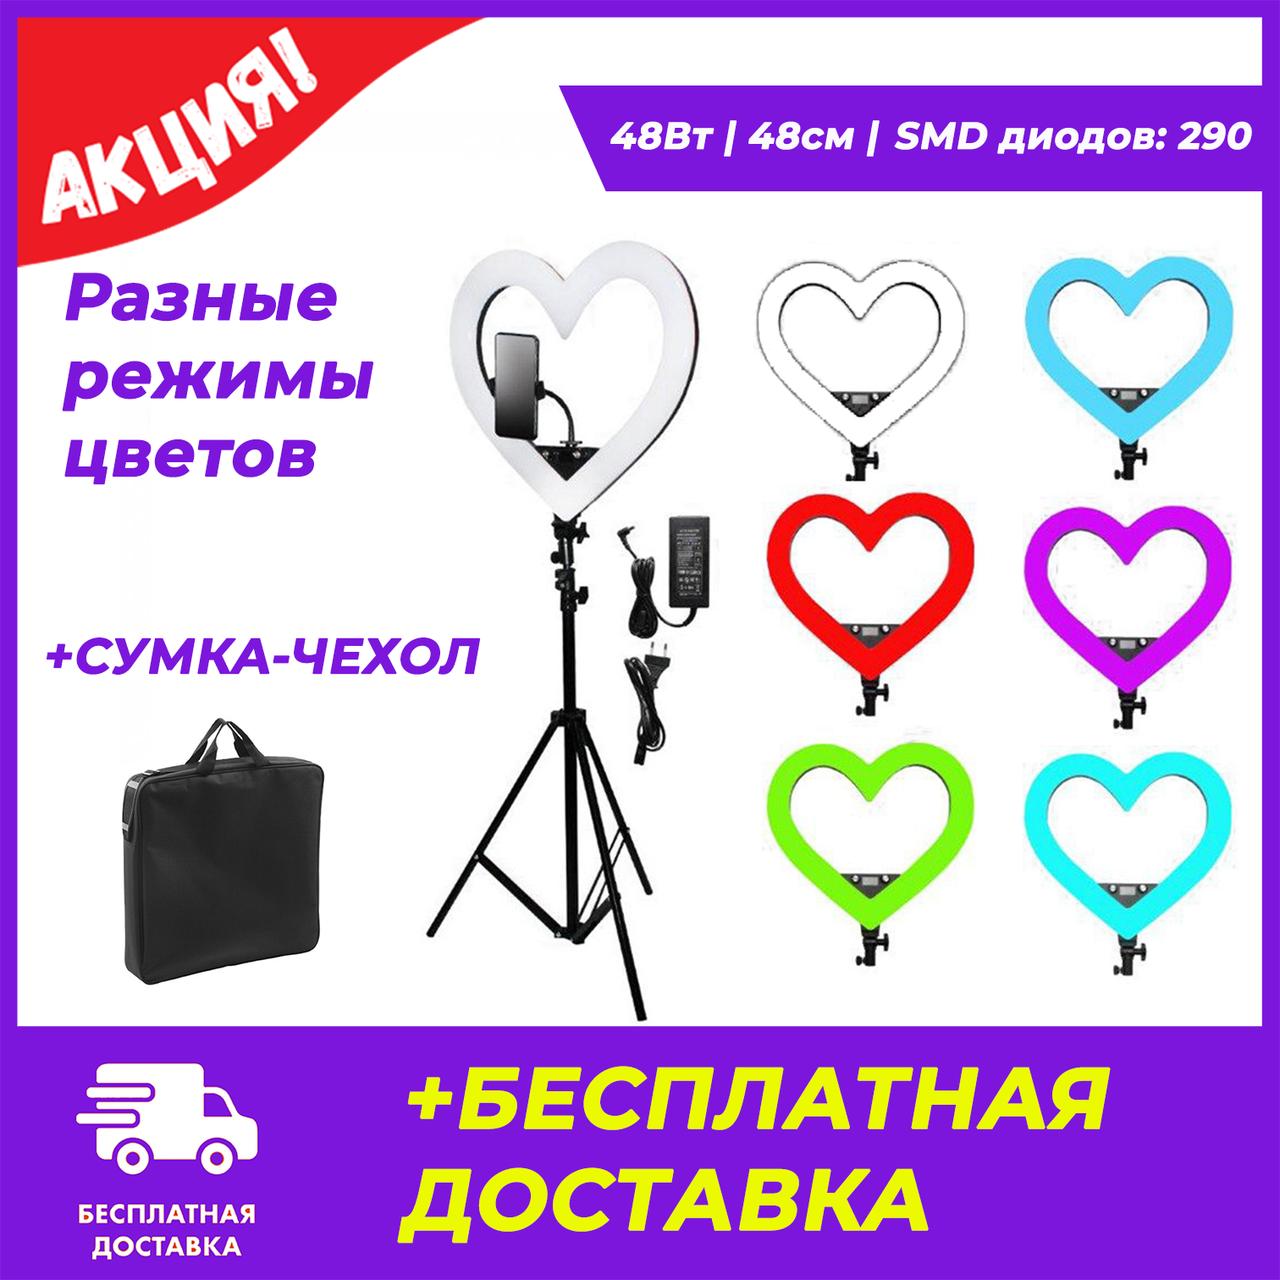 Кольорова кільцева лампа у формі серця на штативі з тримачем для телефону Кільцева лампа для макіяжу 48ватт